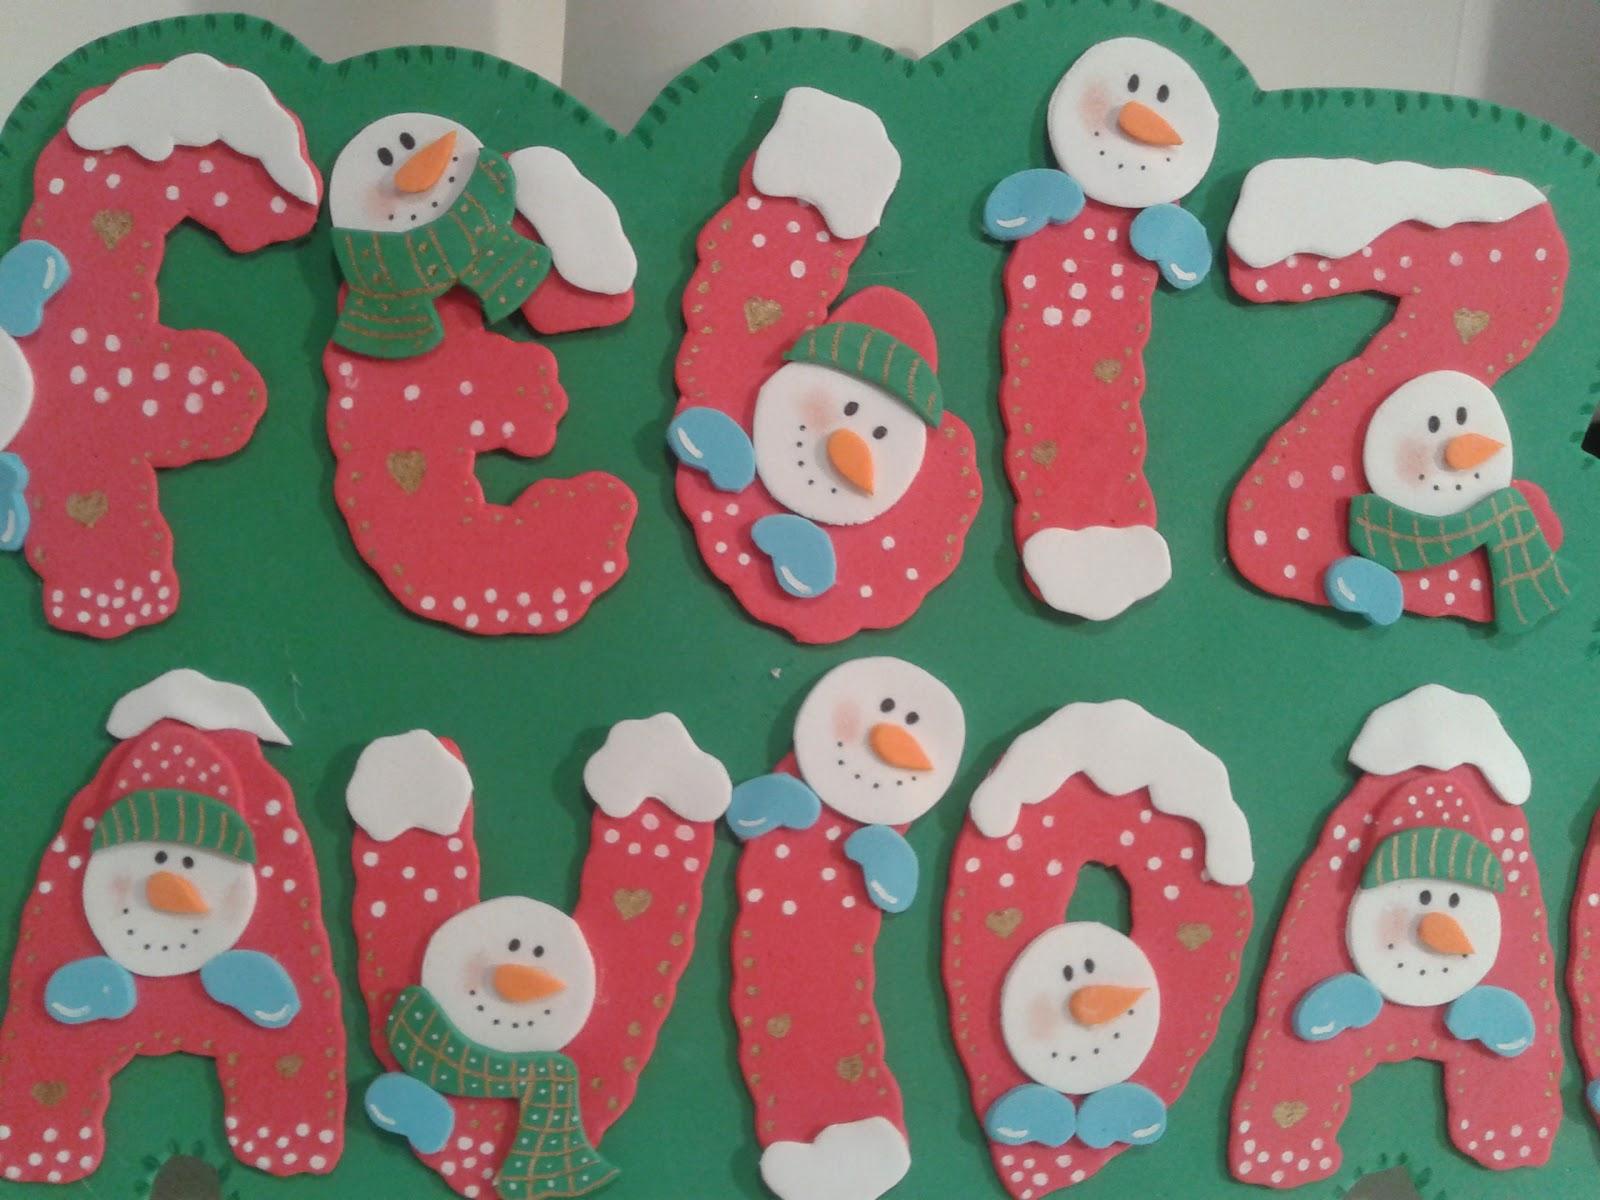 Alfileres de boda martos cartel goma eva feliz navidad for Ornamentacion para navidad